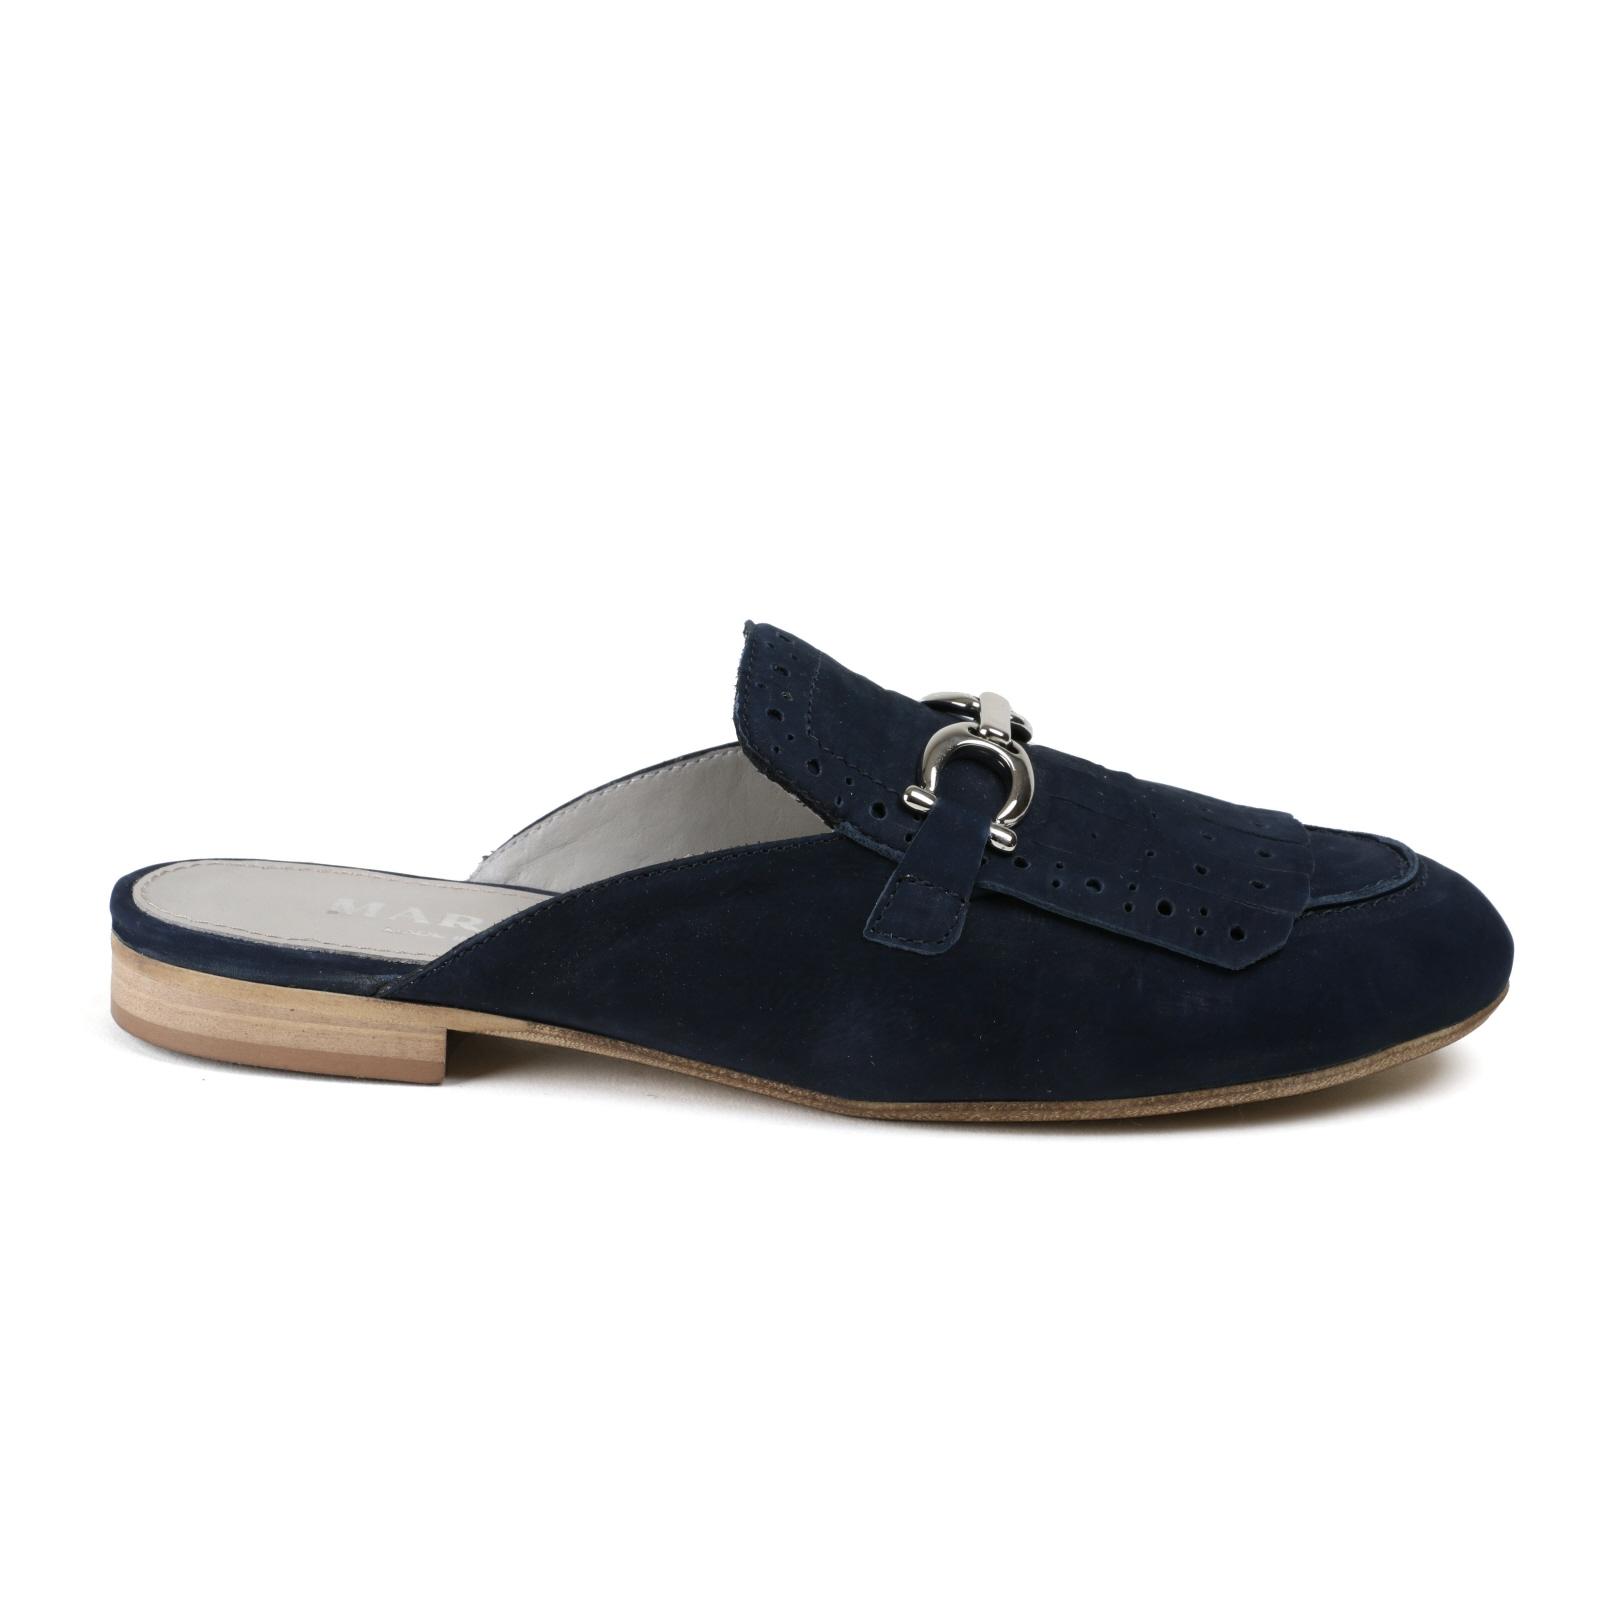 Señora sandalia es azul Maripe 'mode azul es nubukleder nuevo 90cea9